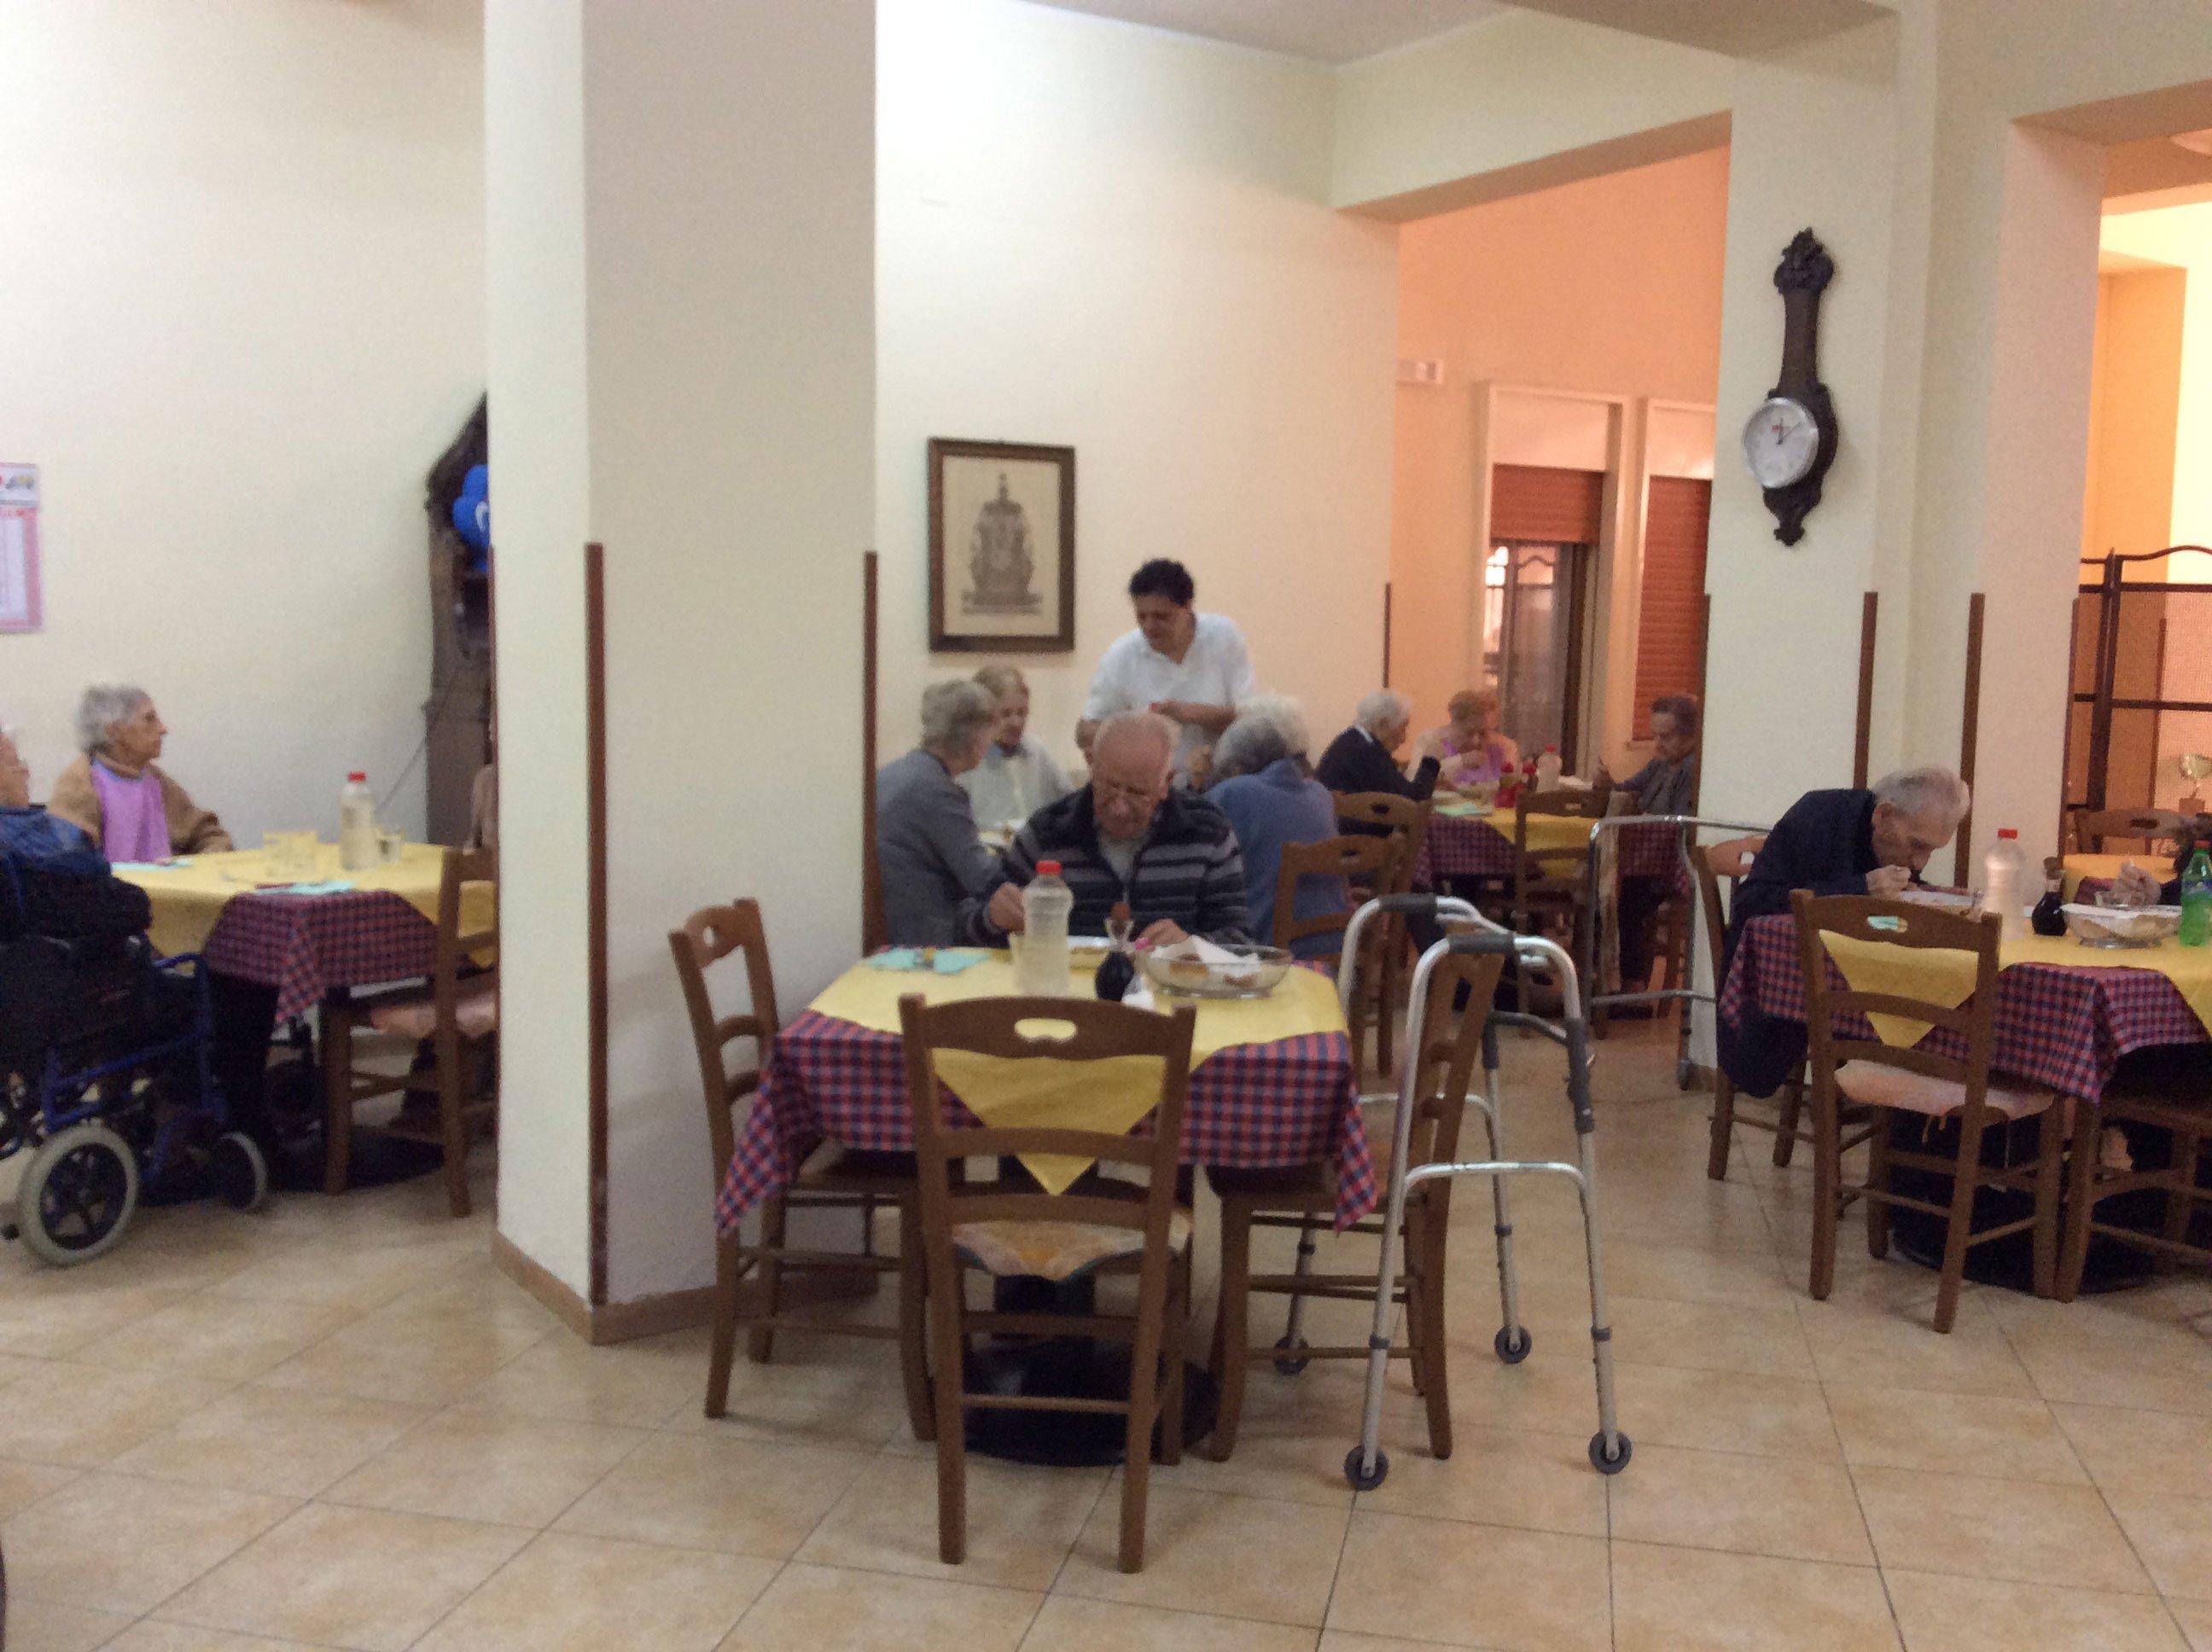 interno di una mensa in una casa di riposo con un uomo al tavolo che sta mangiando e accanto c'e' un deambulatore